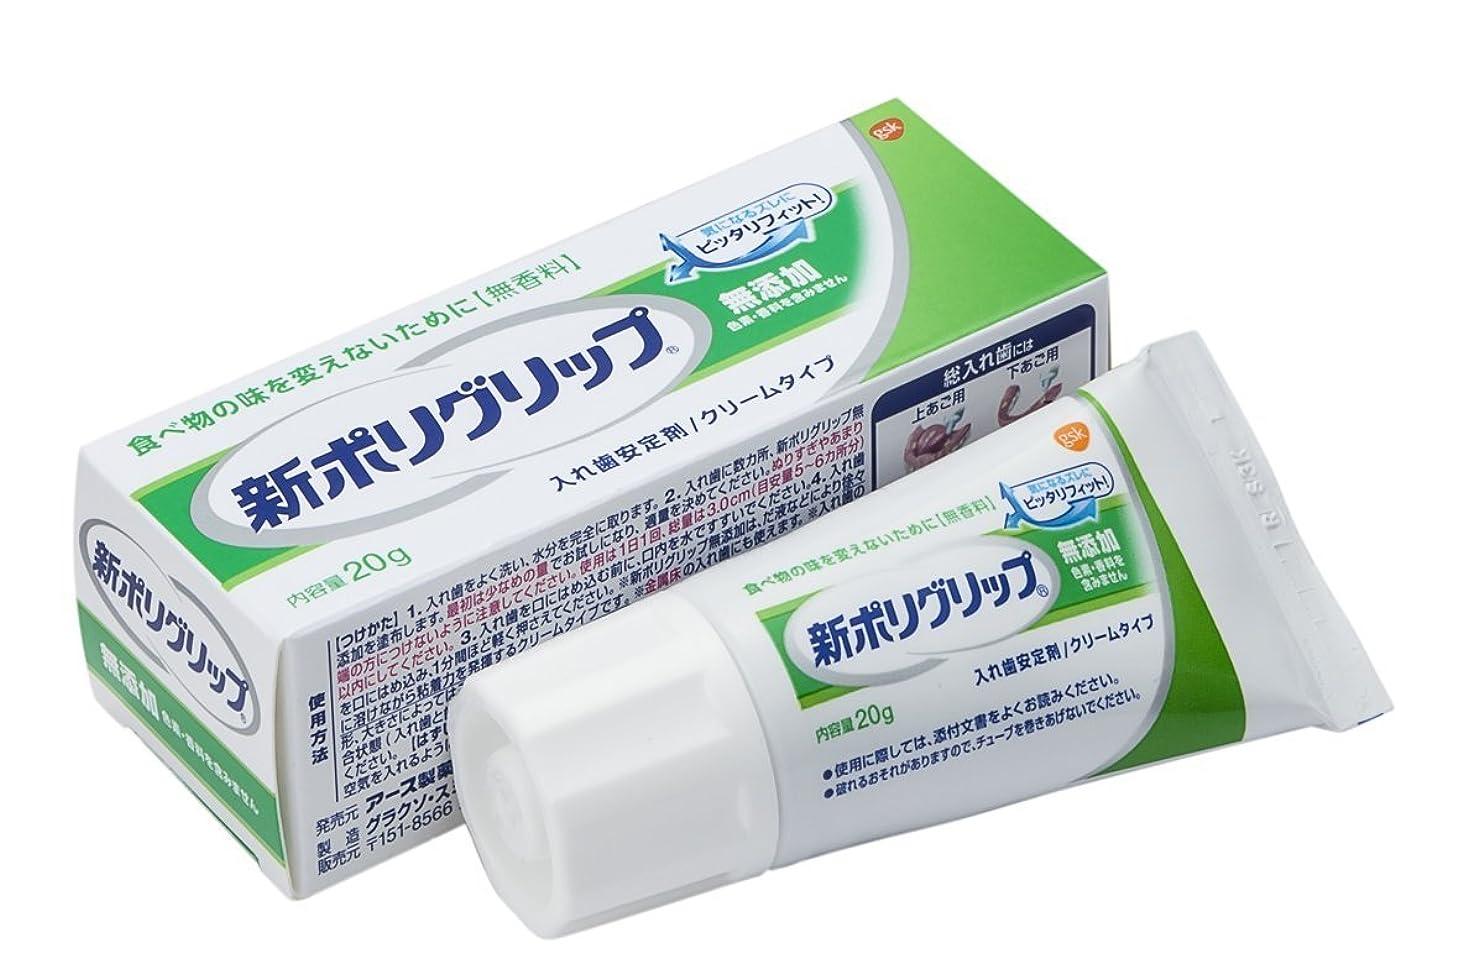 一生元に戻す広大な部分?総入れ歯安定剤 新ポリグリップ 無添加(色素?香料を含みません) 20g